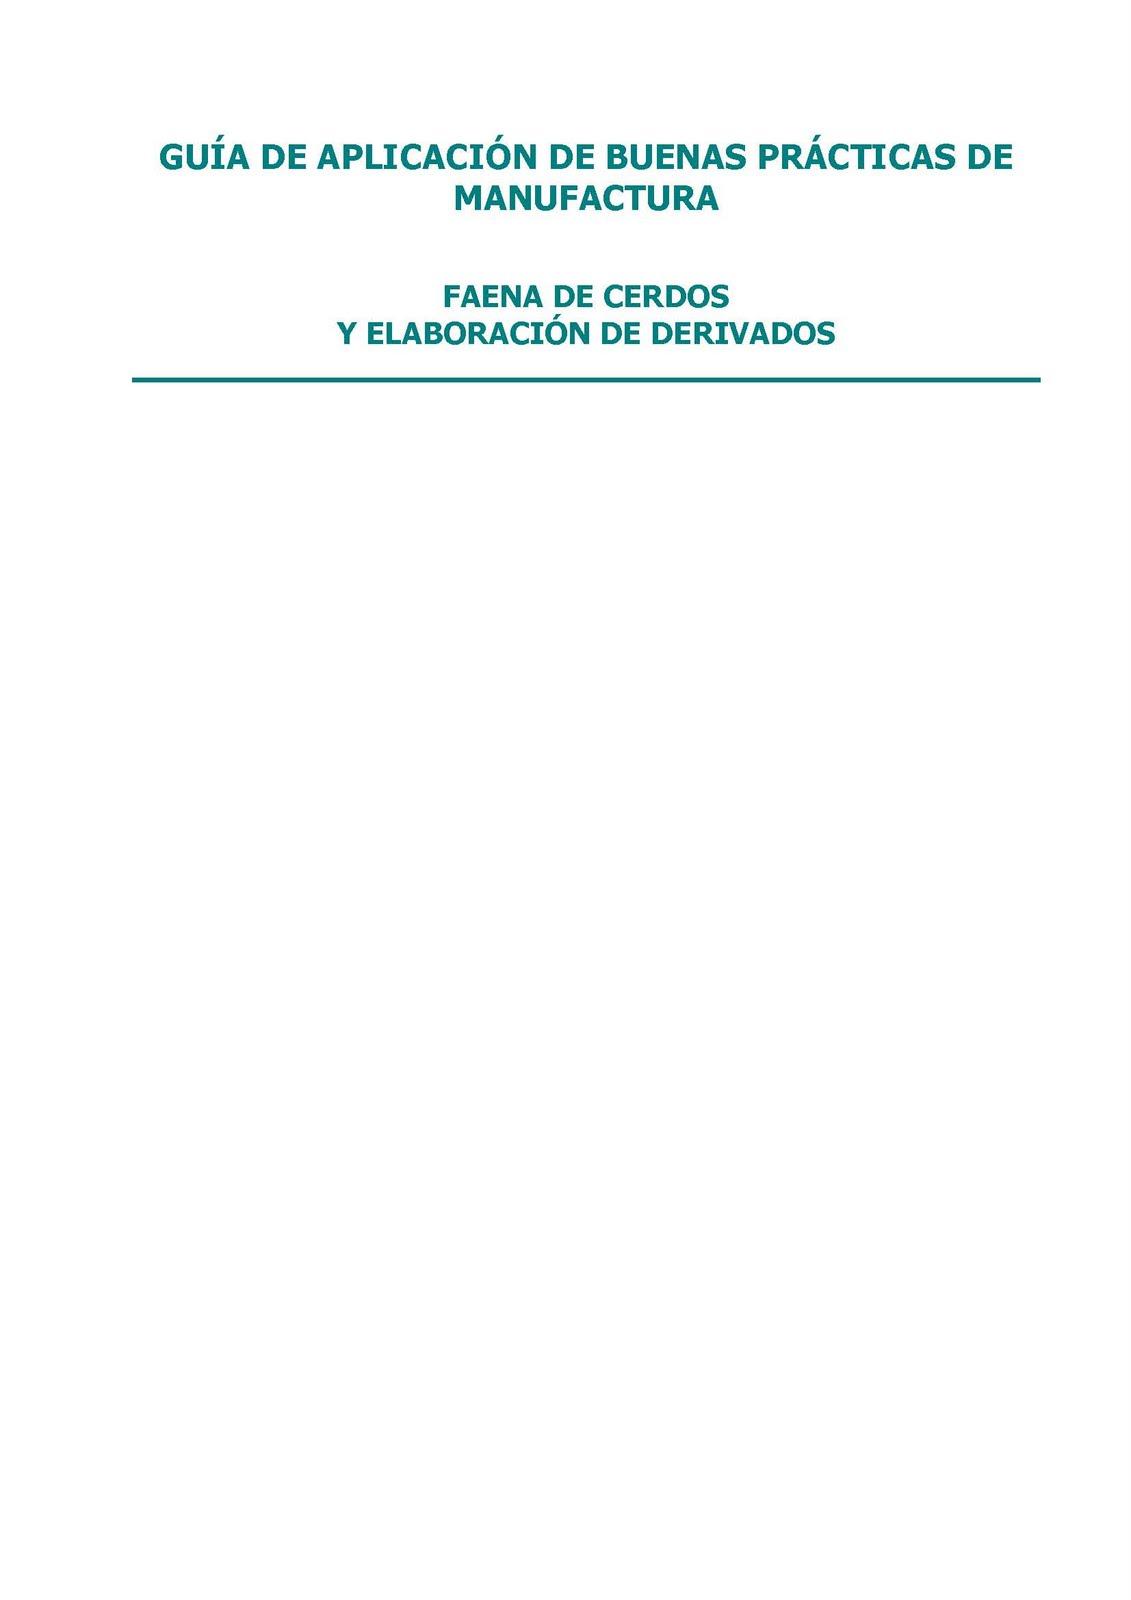 Hades gu a de aplicaci n de buenas pr cticas de Manual de buenas practicas de manufactura pdf